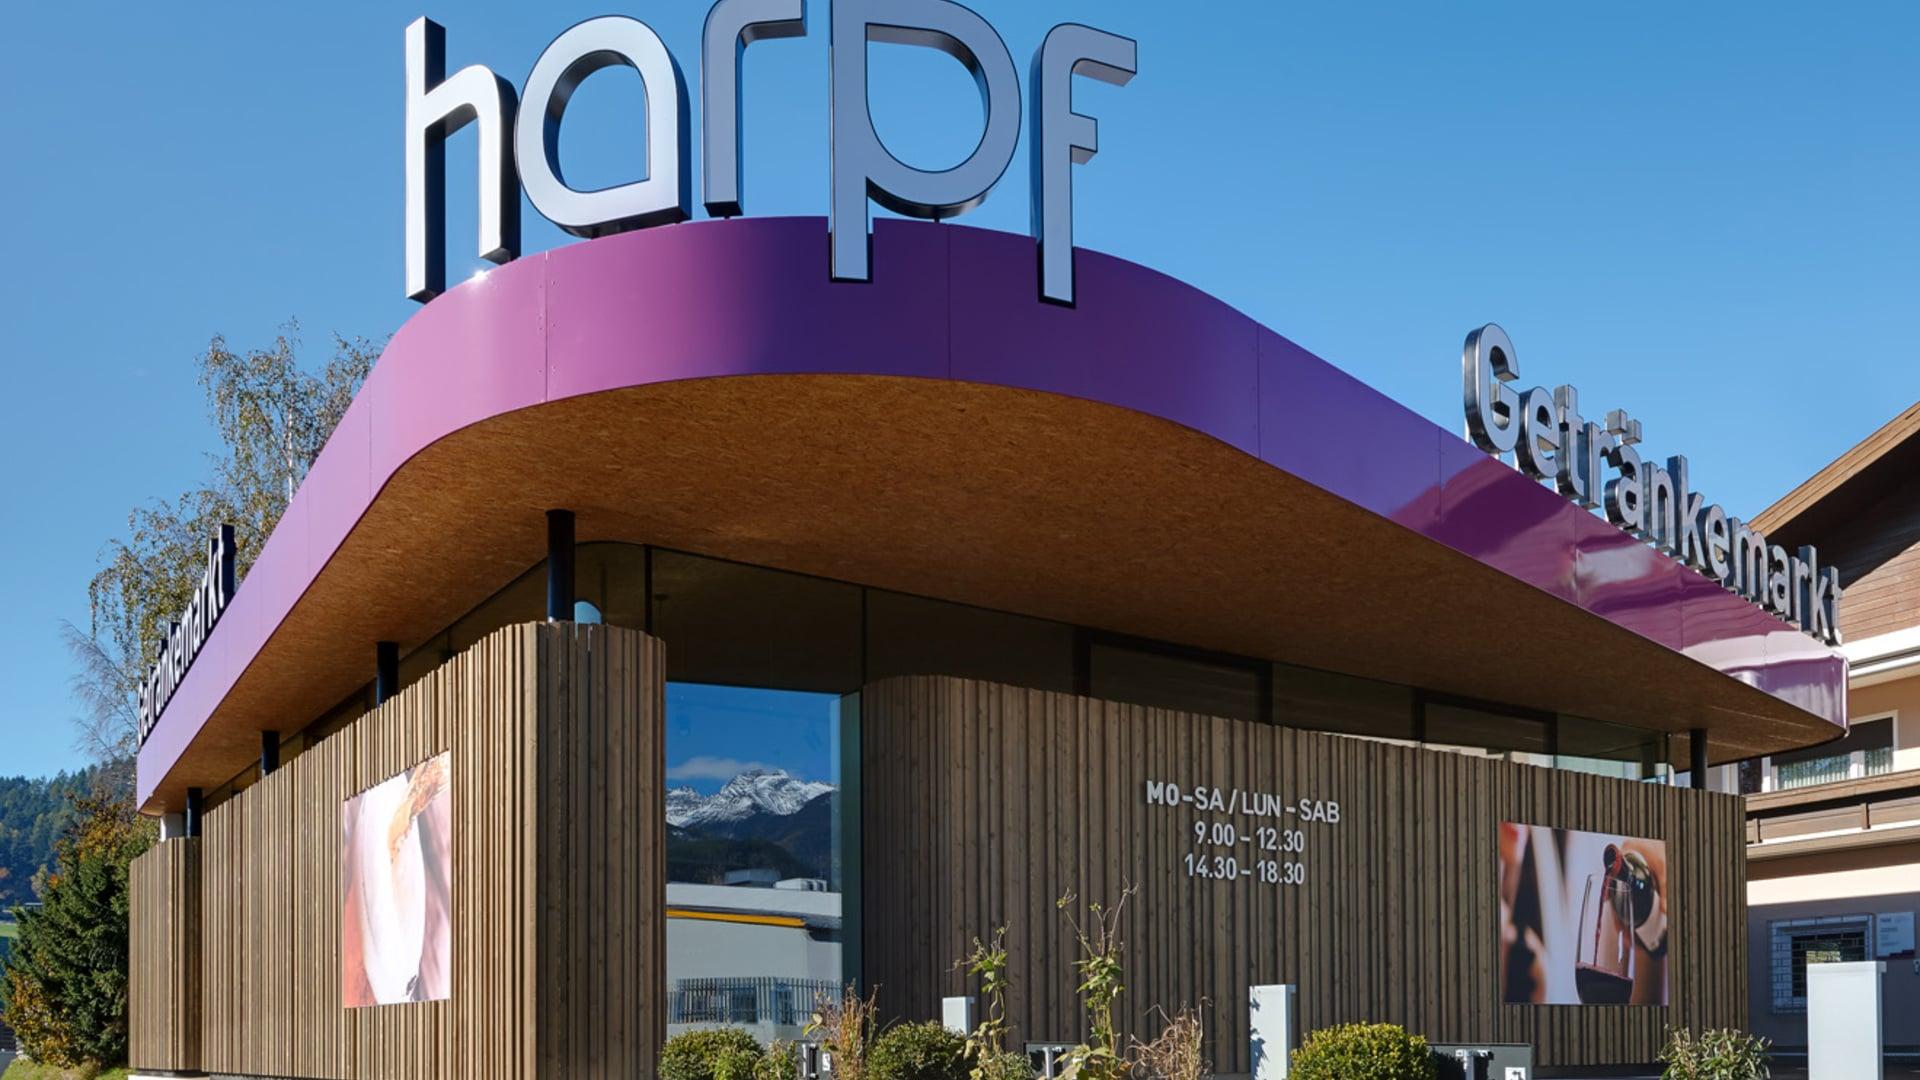 23.01.2019 - harpf – un azienda a conduzione famigliare dal 1880